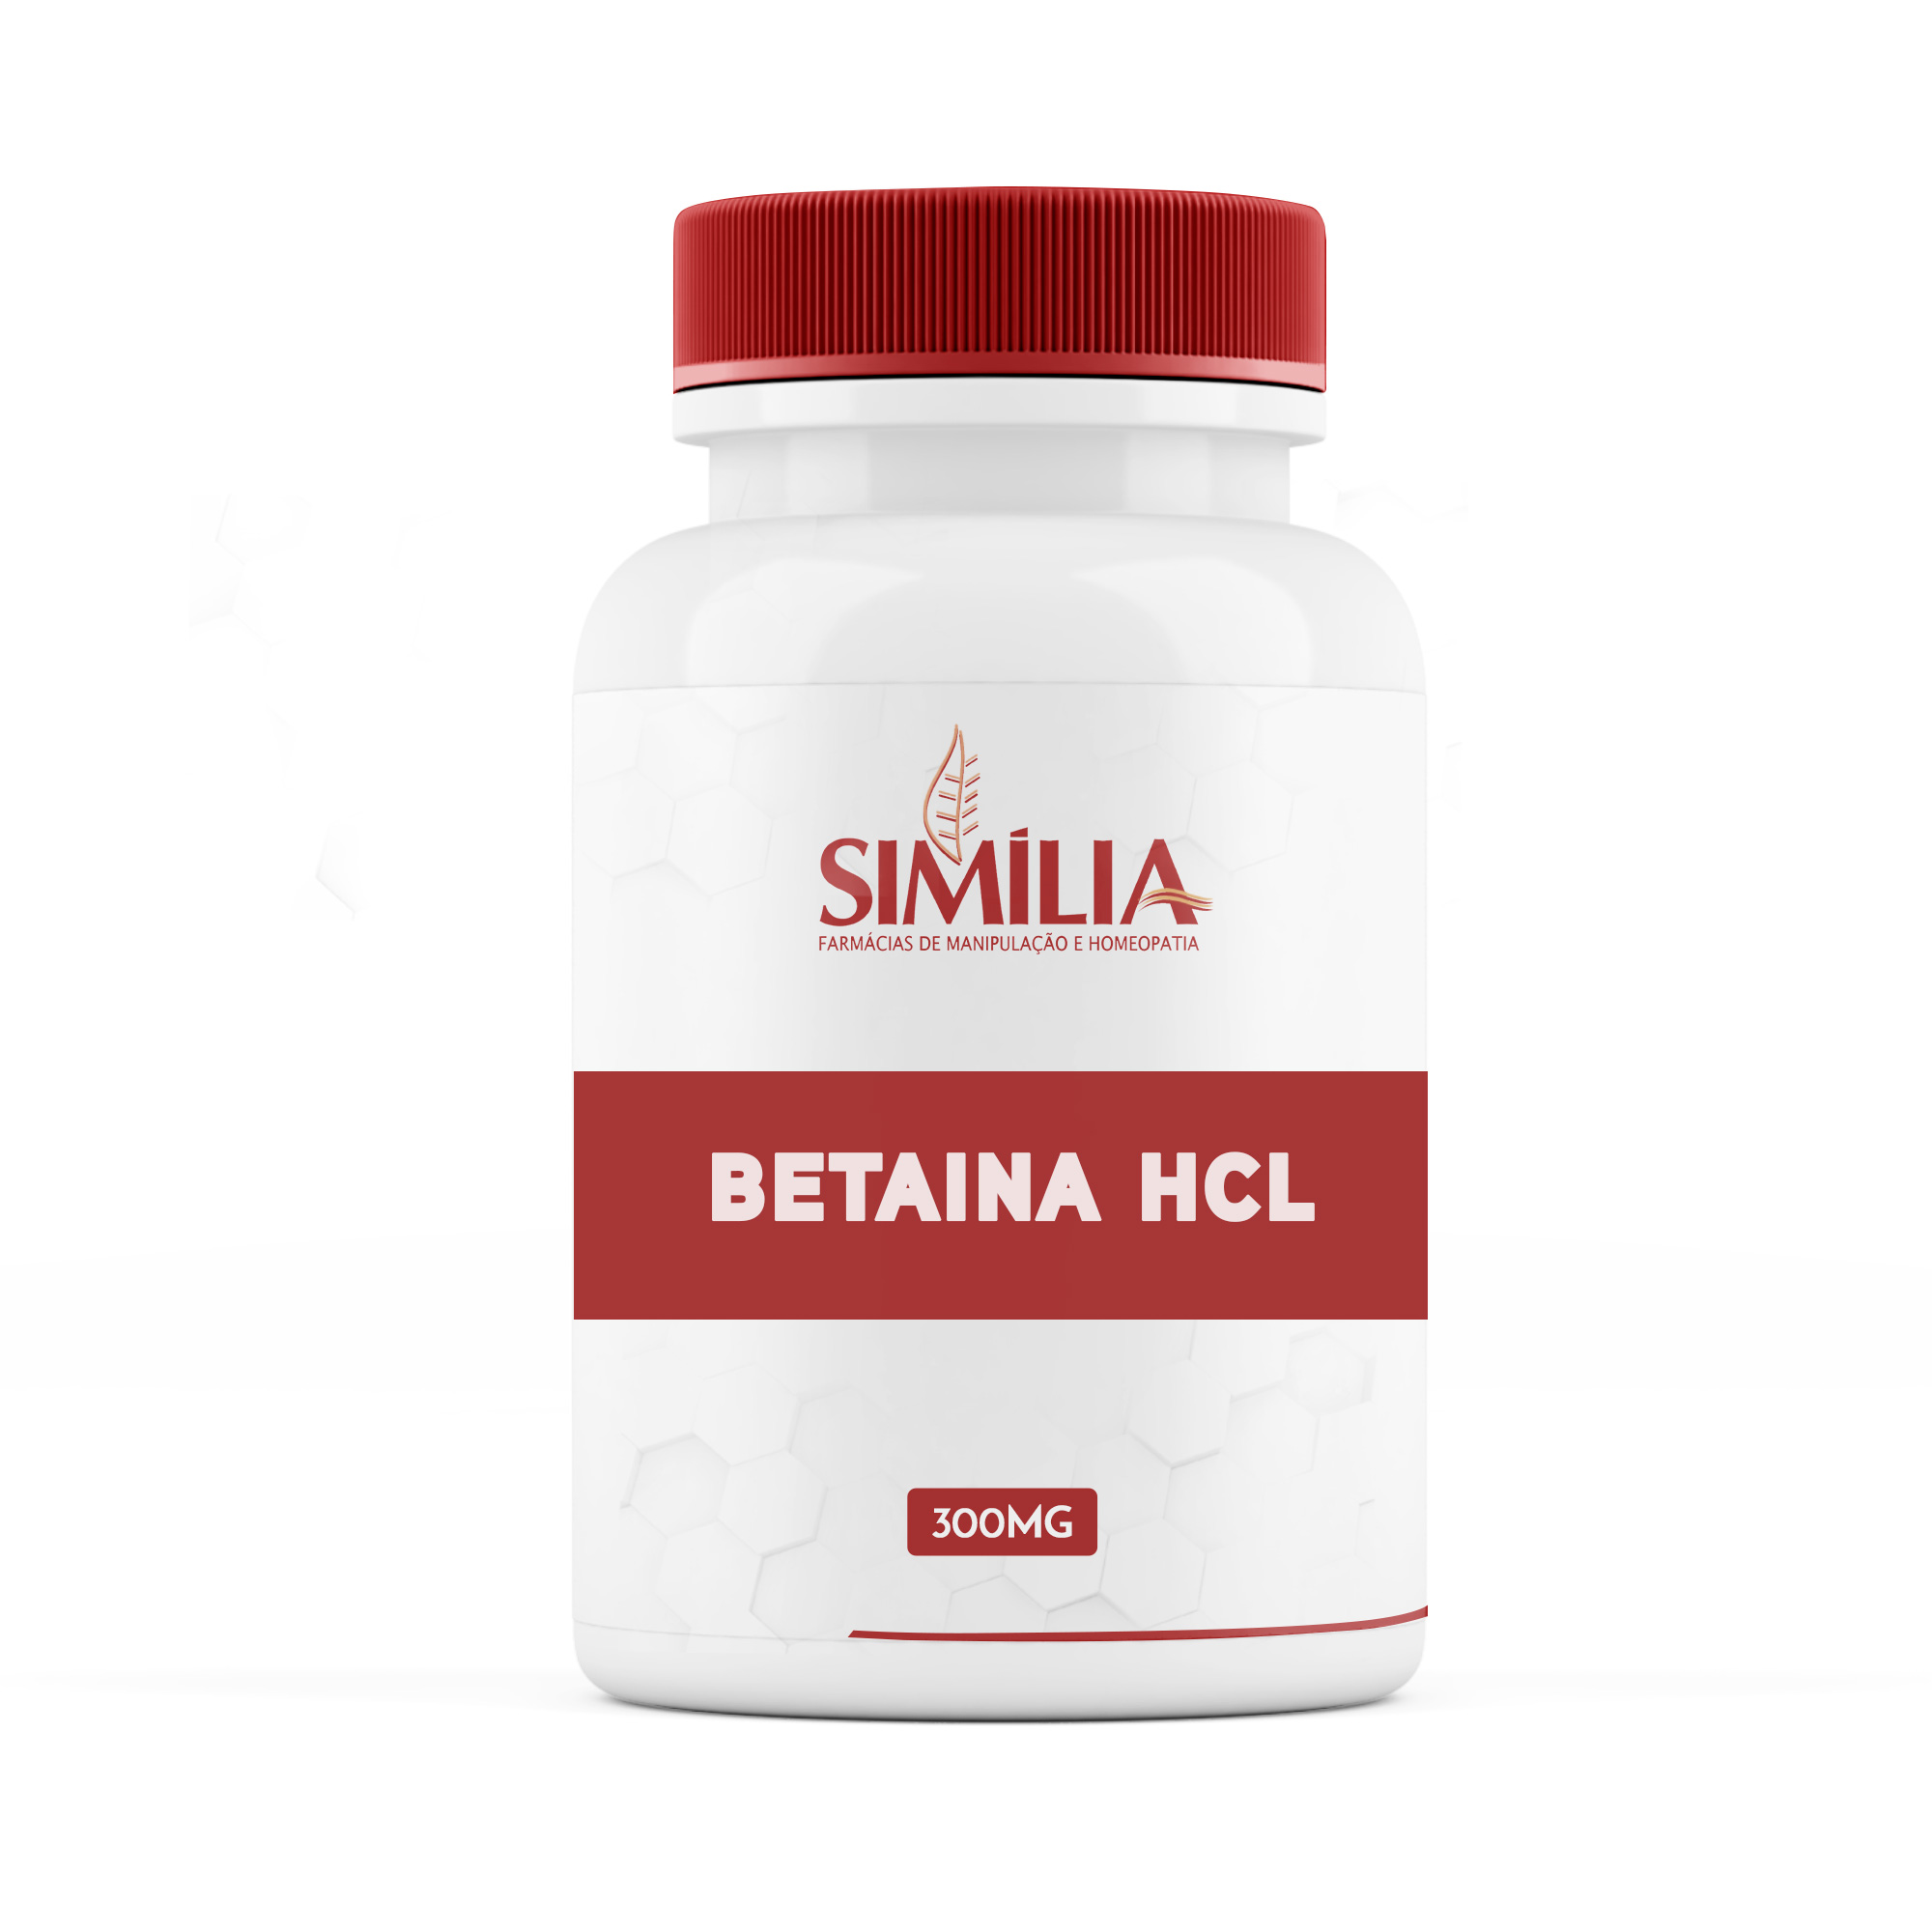 Betaina HCL 300mg 60 Cápsulas